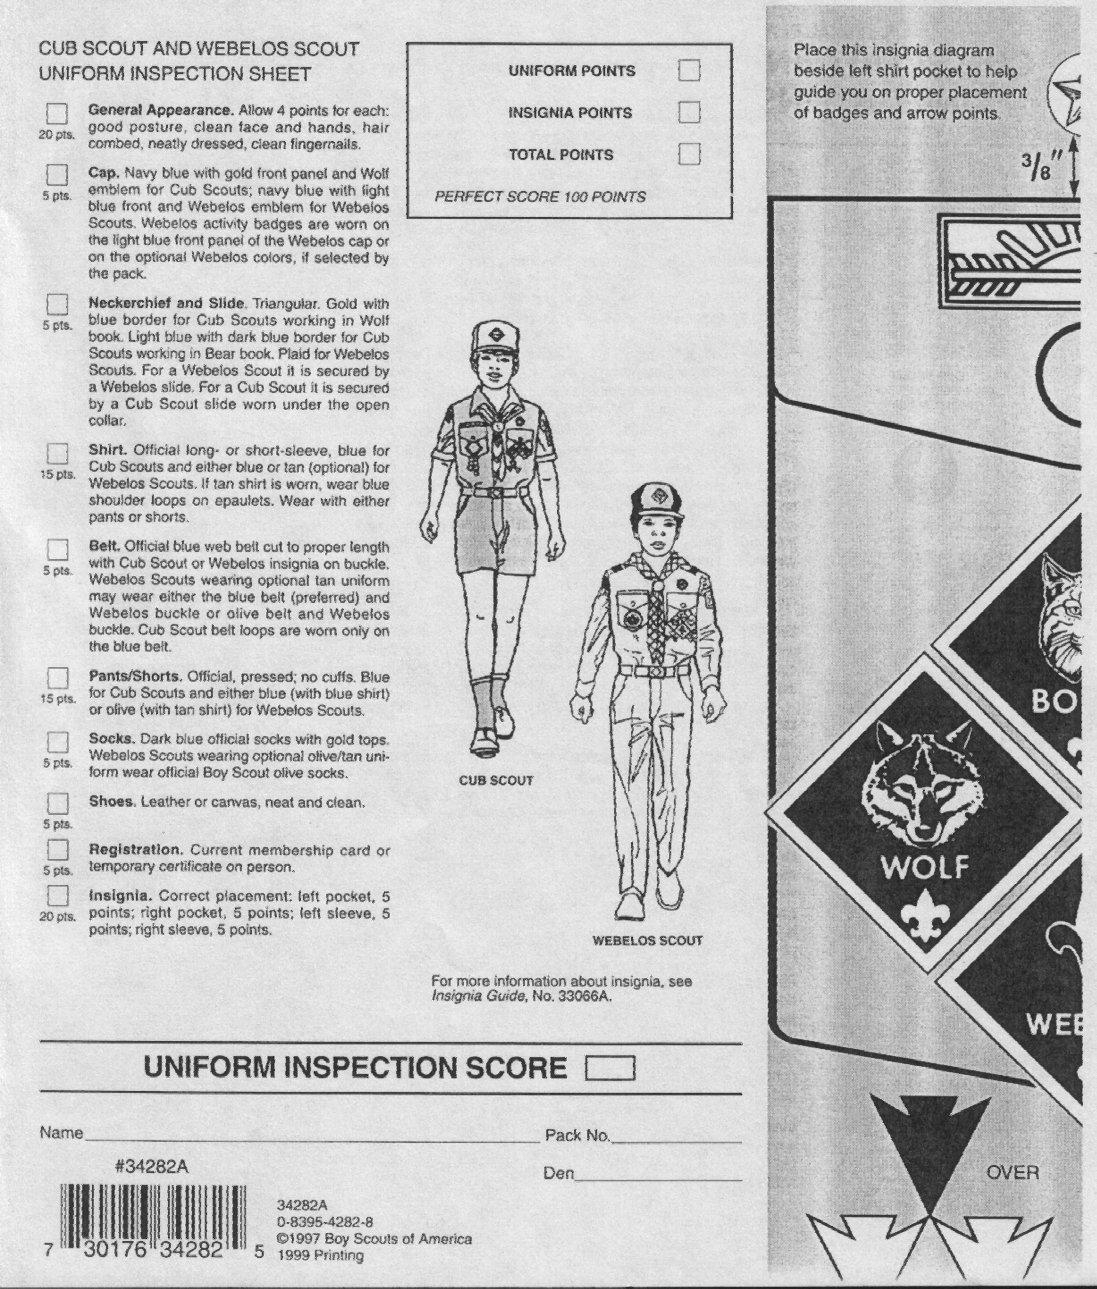 Cub Scout Bsa Uniform Inspection Sheet